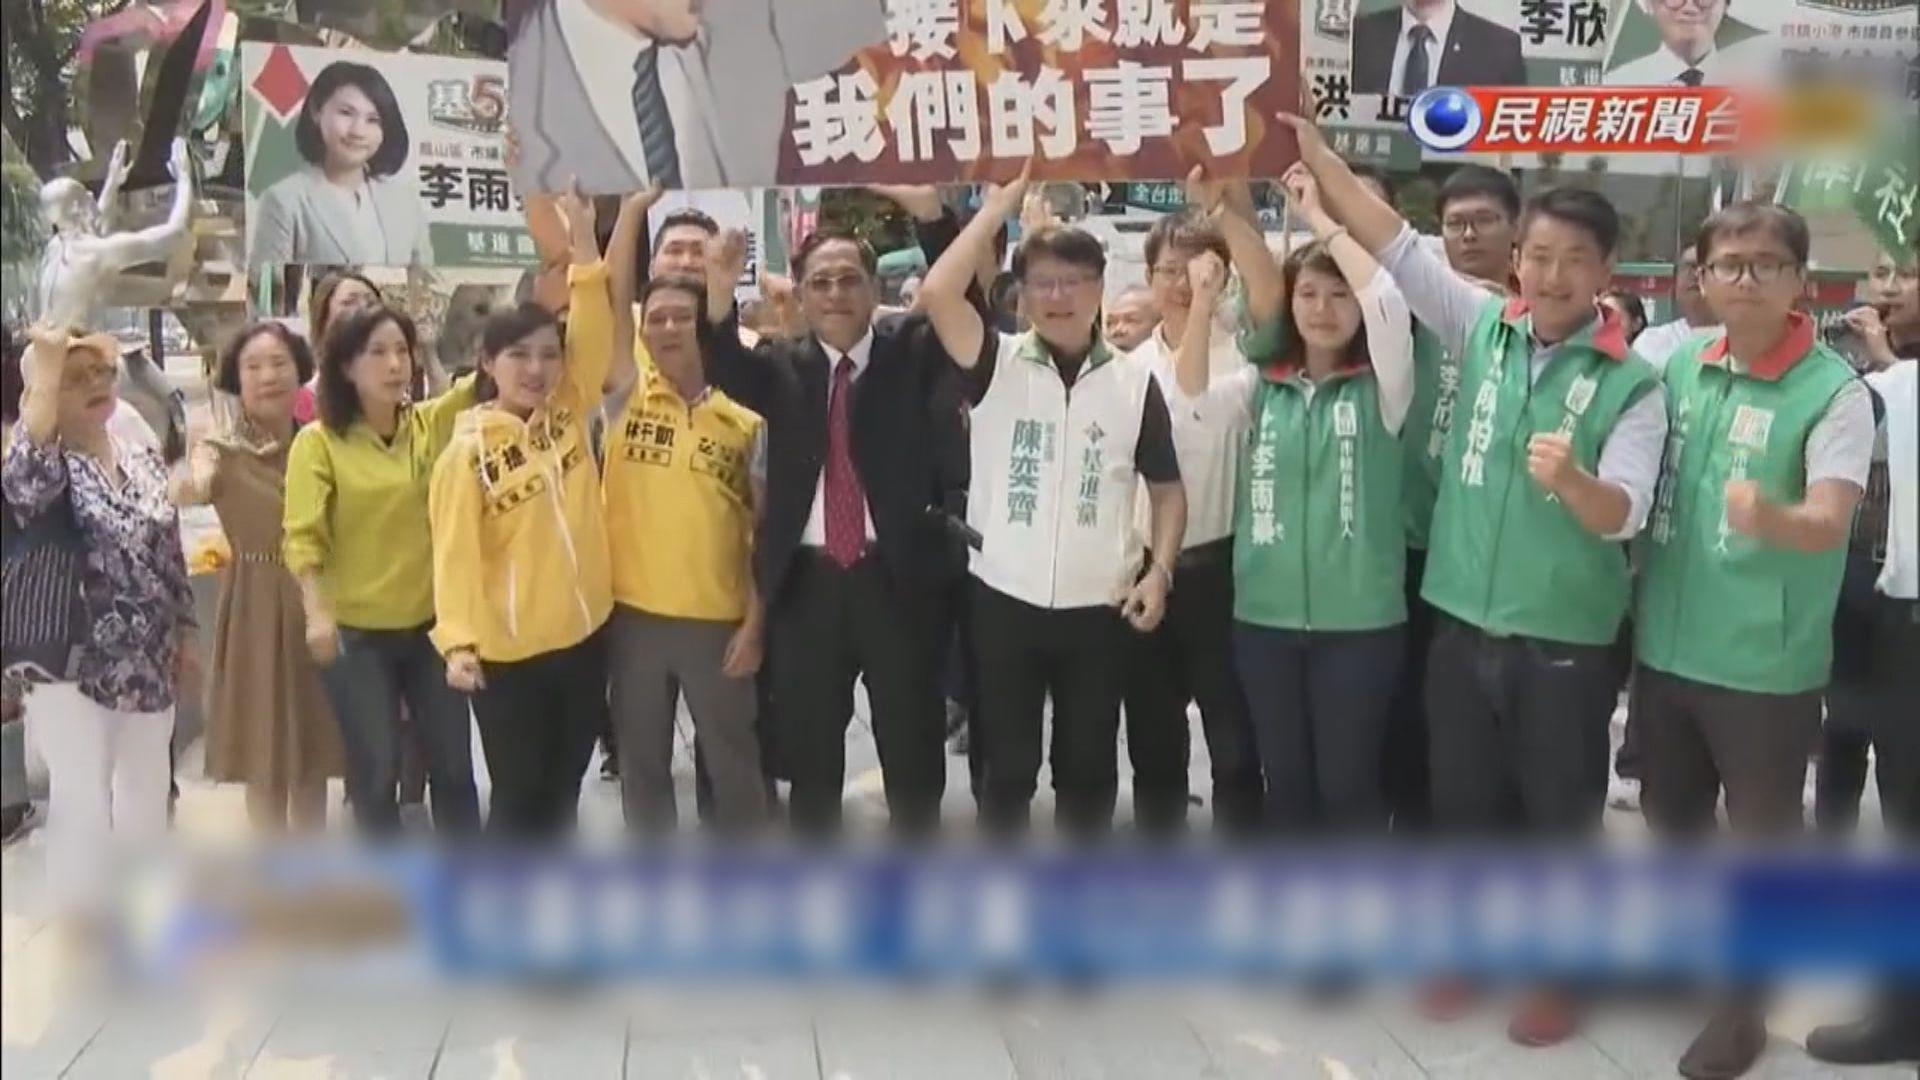 民進黨突宣布高雄舉辦反併吞集會